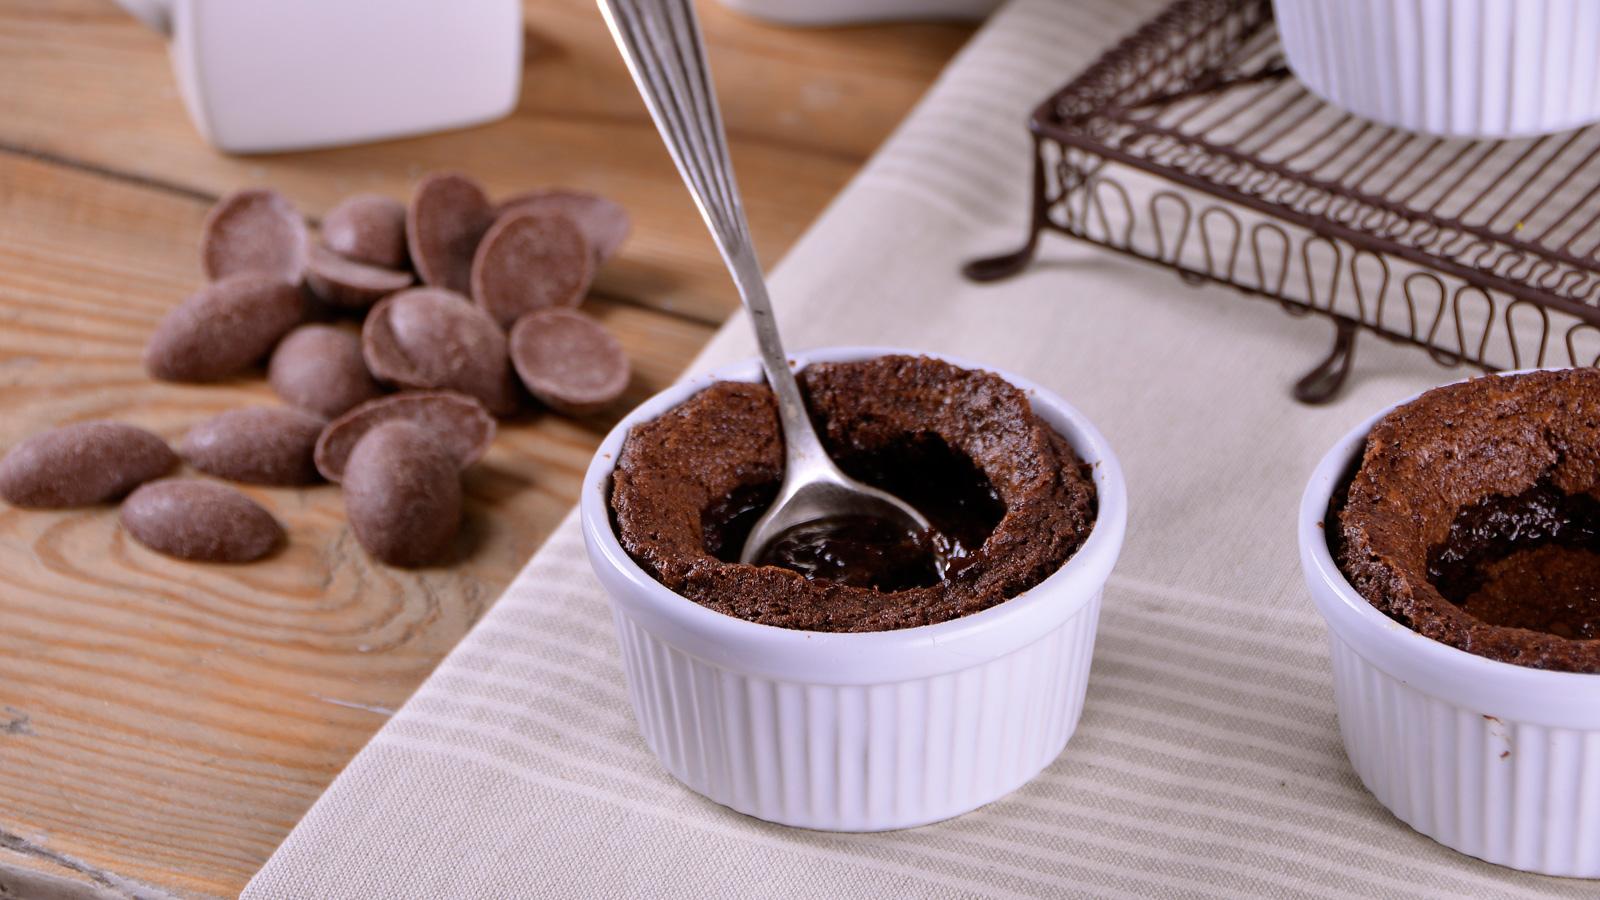 Coulant de chocolate alma obreg n video receta canal for Canal cocina alma obregon